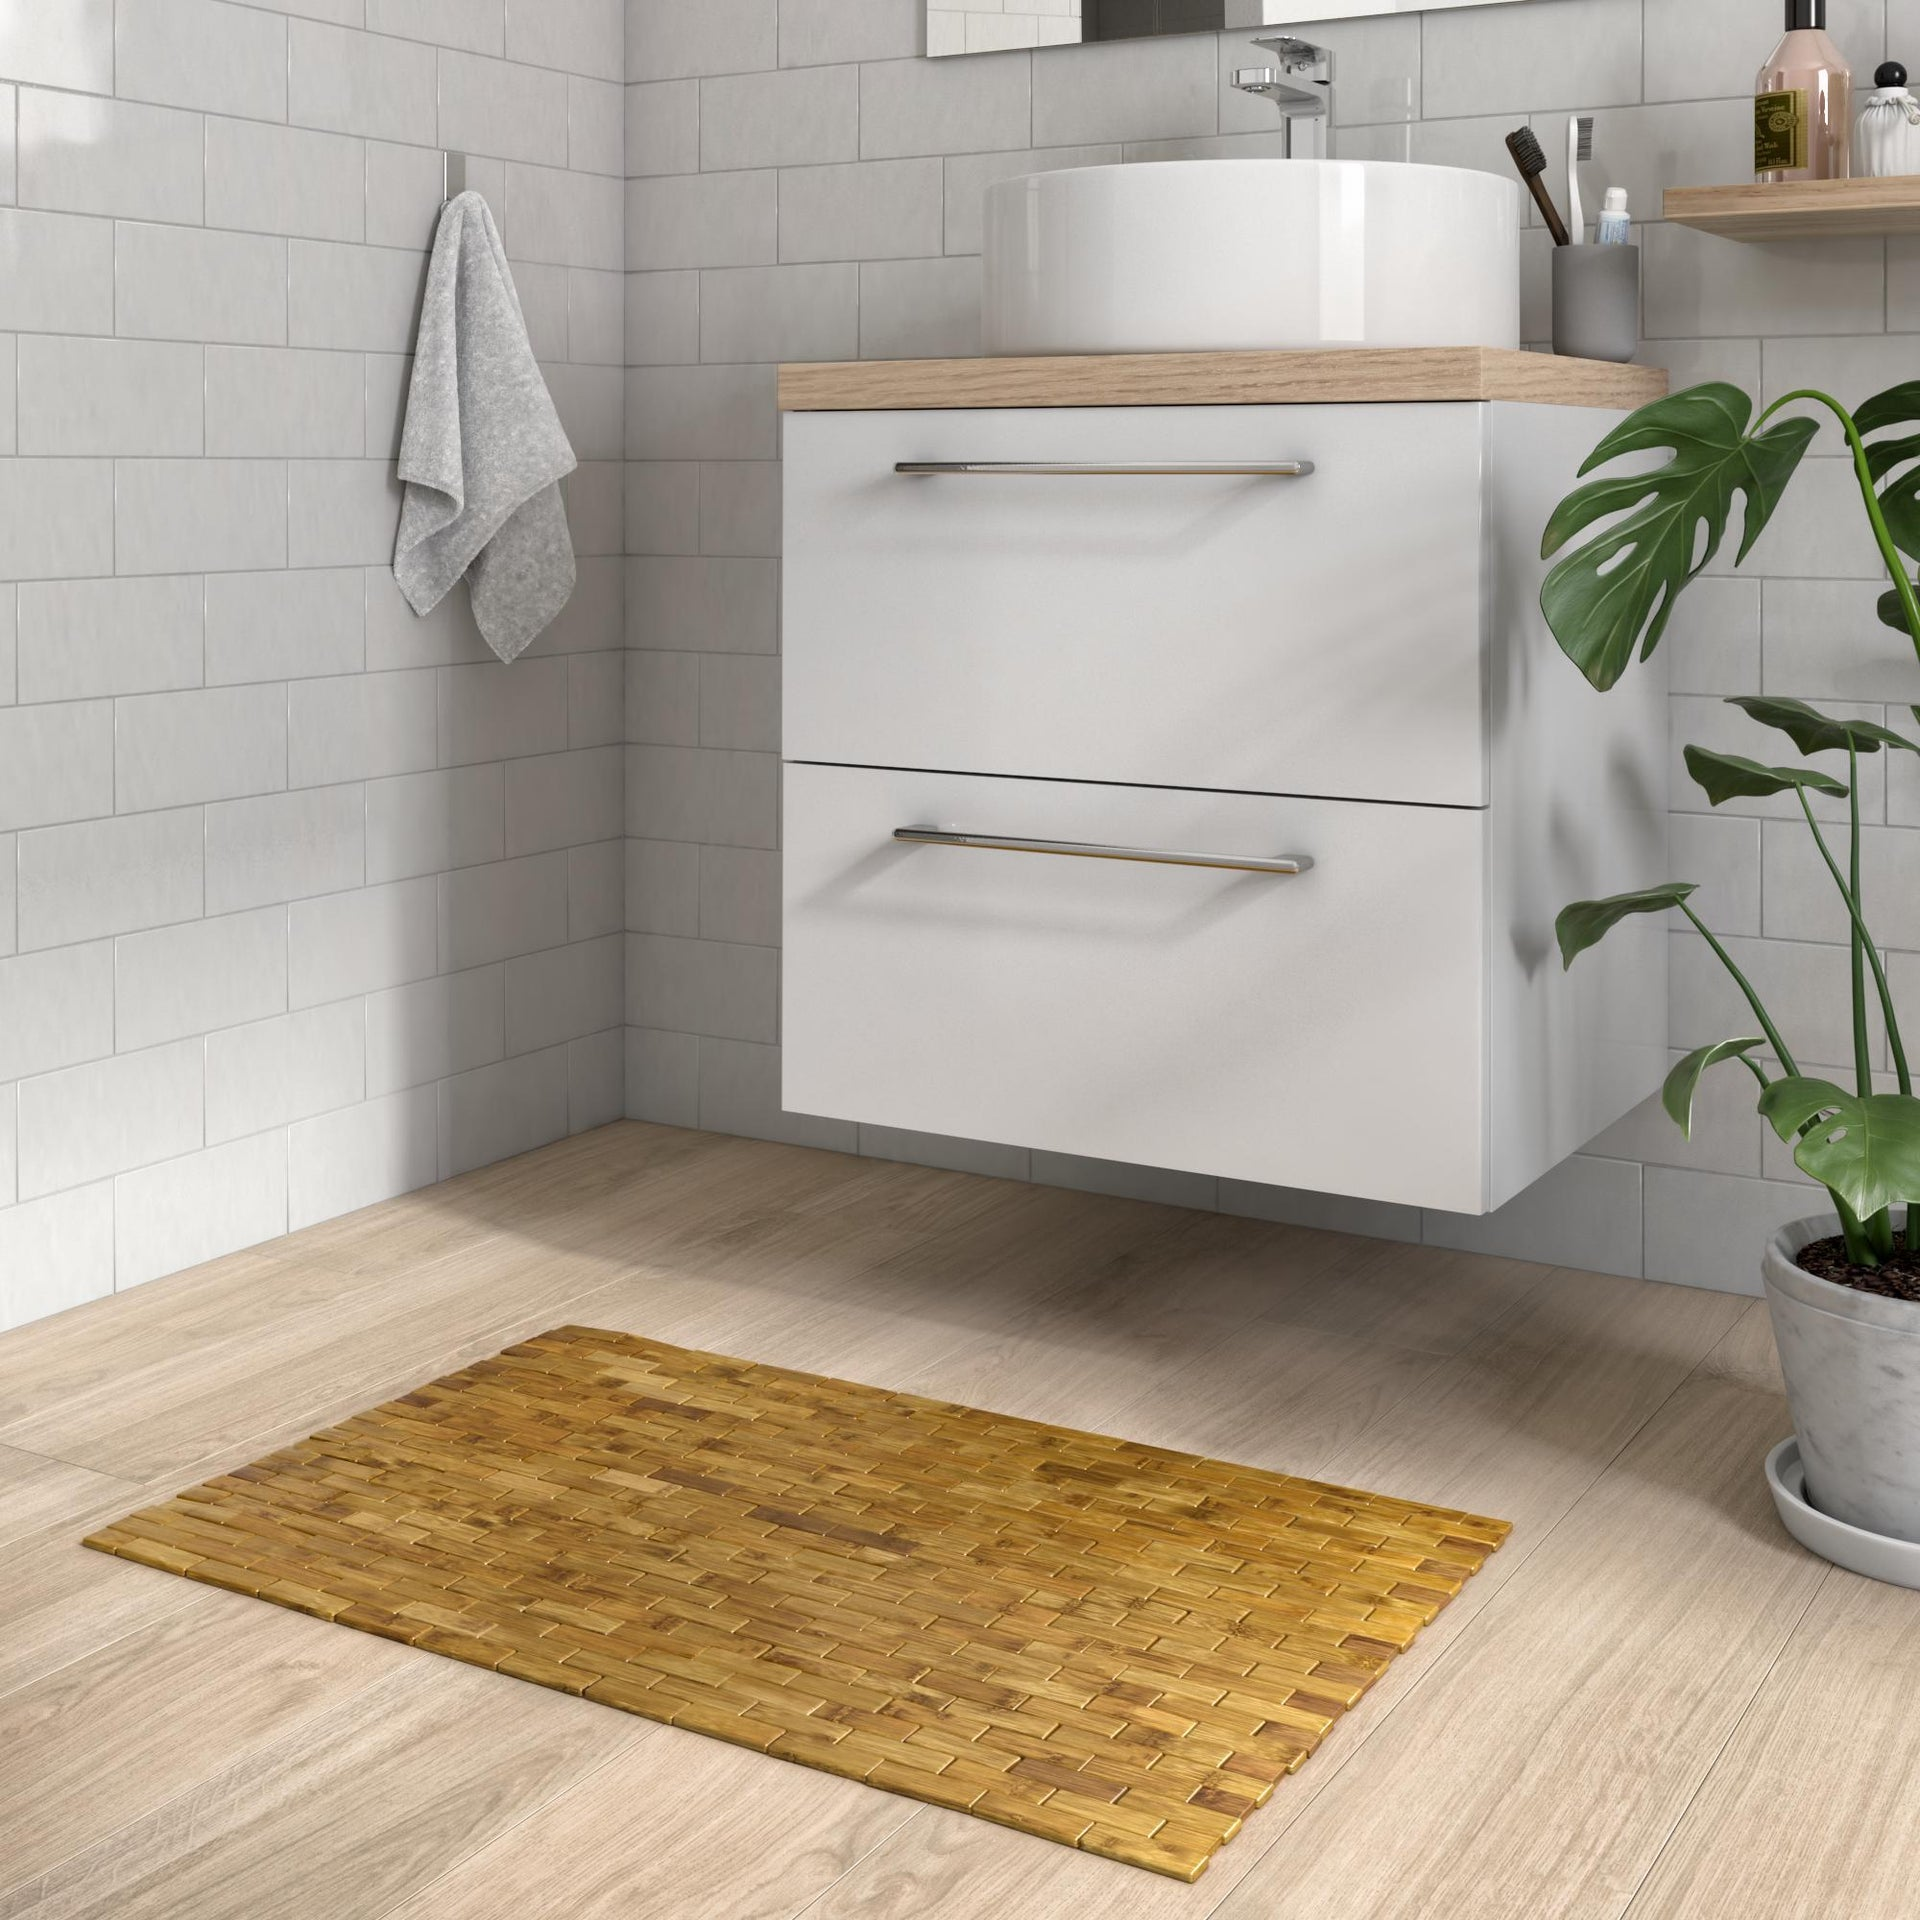 Tappeto bagno rettangolare Domino in bambù marrone 80 x 50 cm - 2